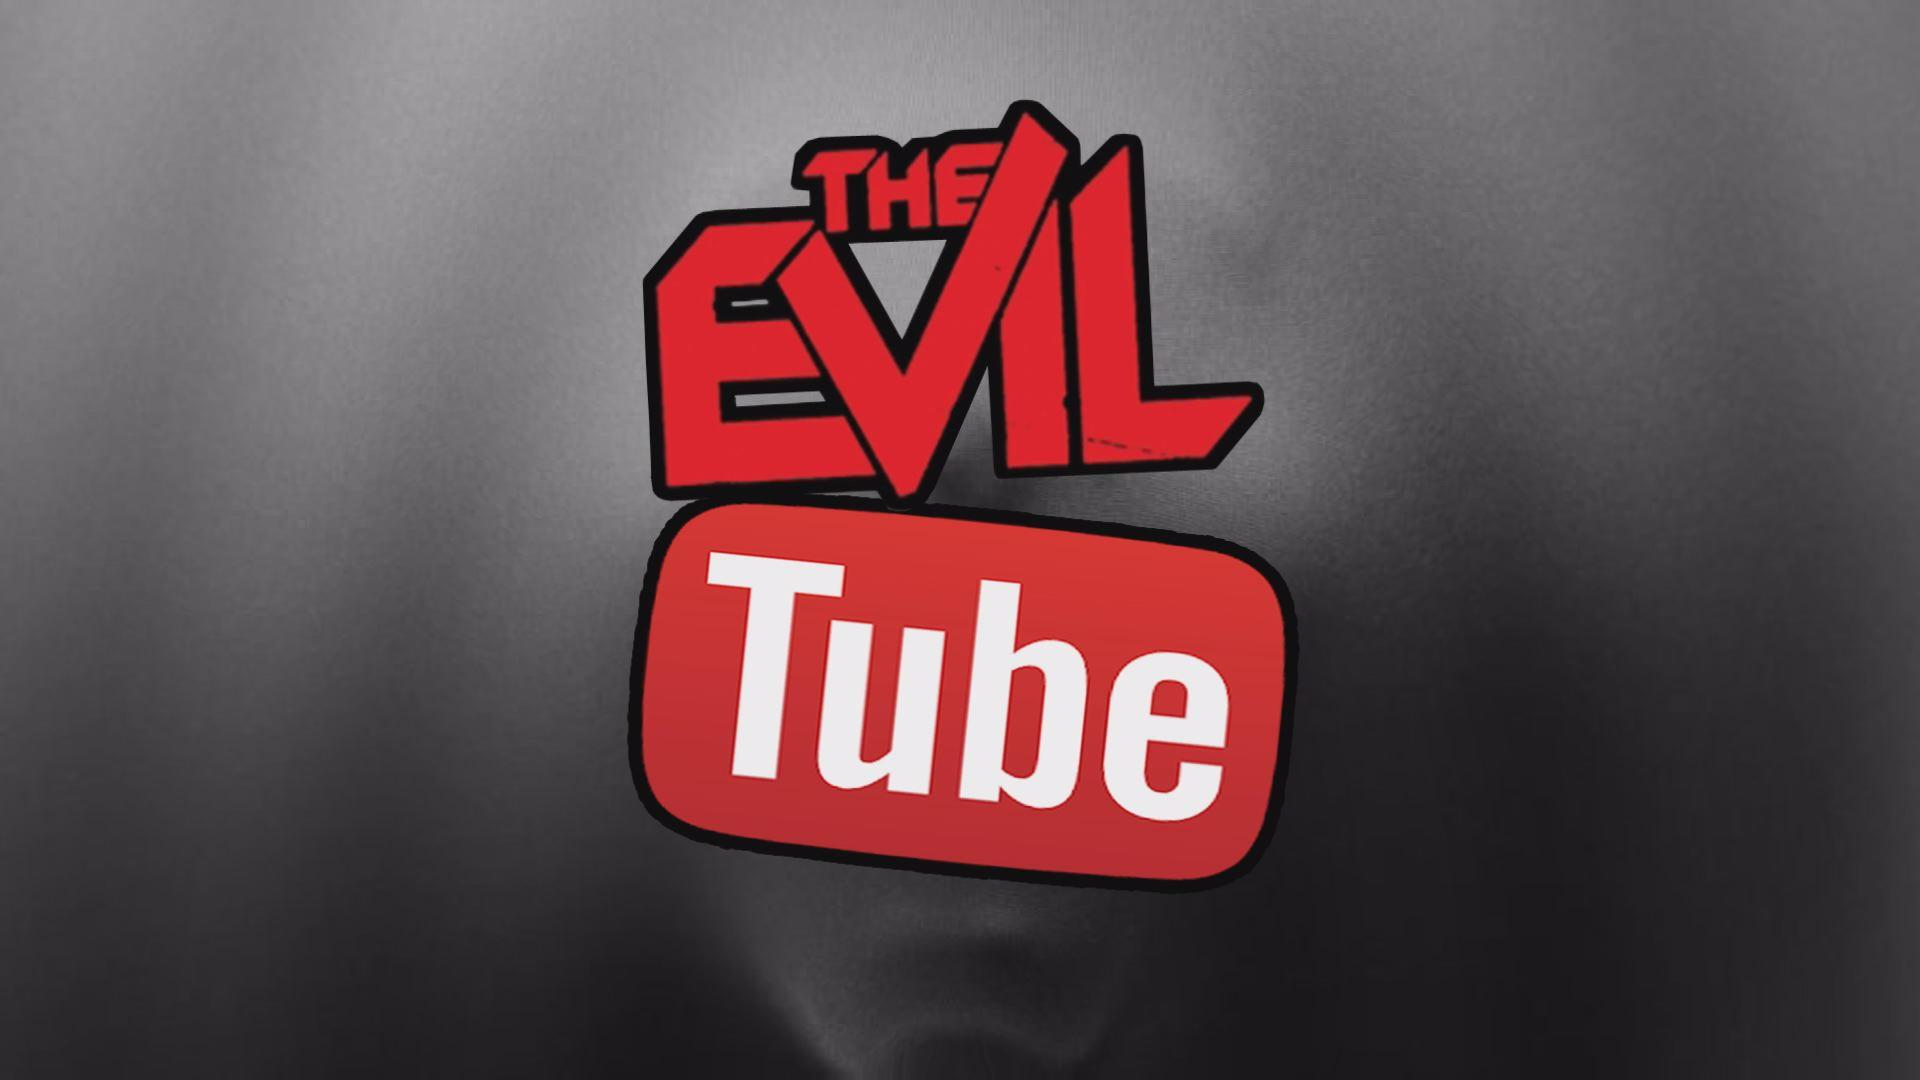 The Eviltube -